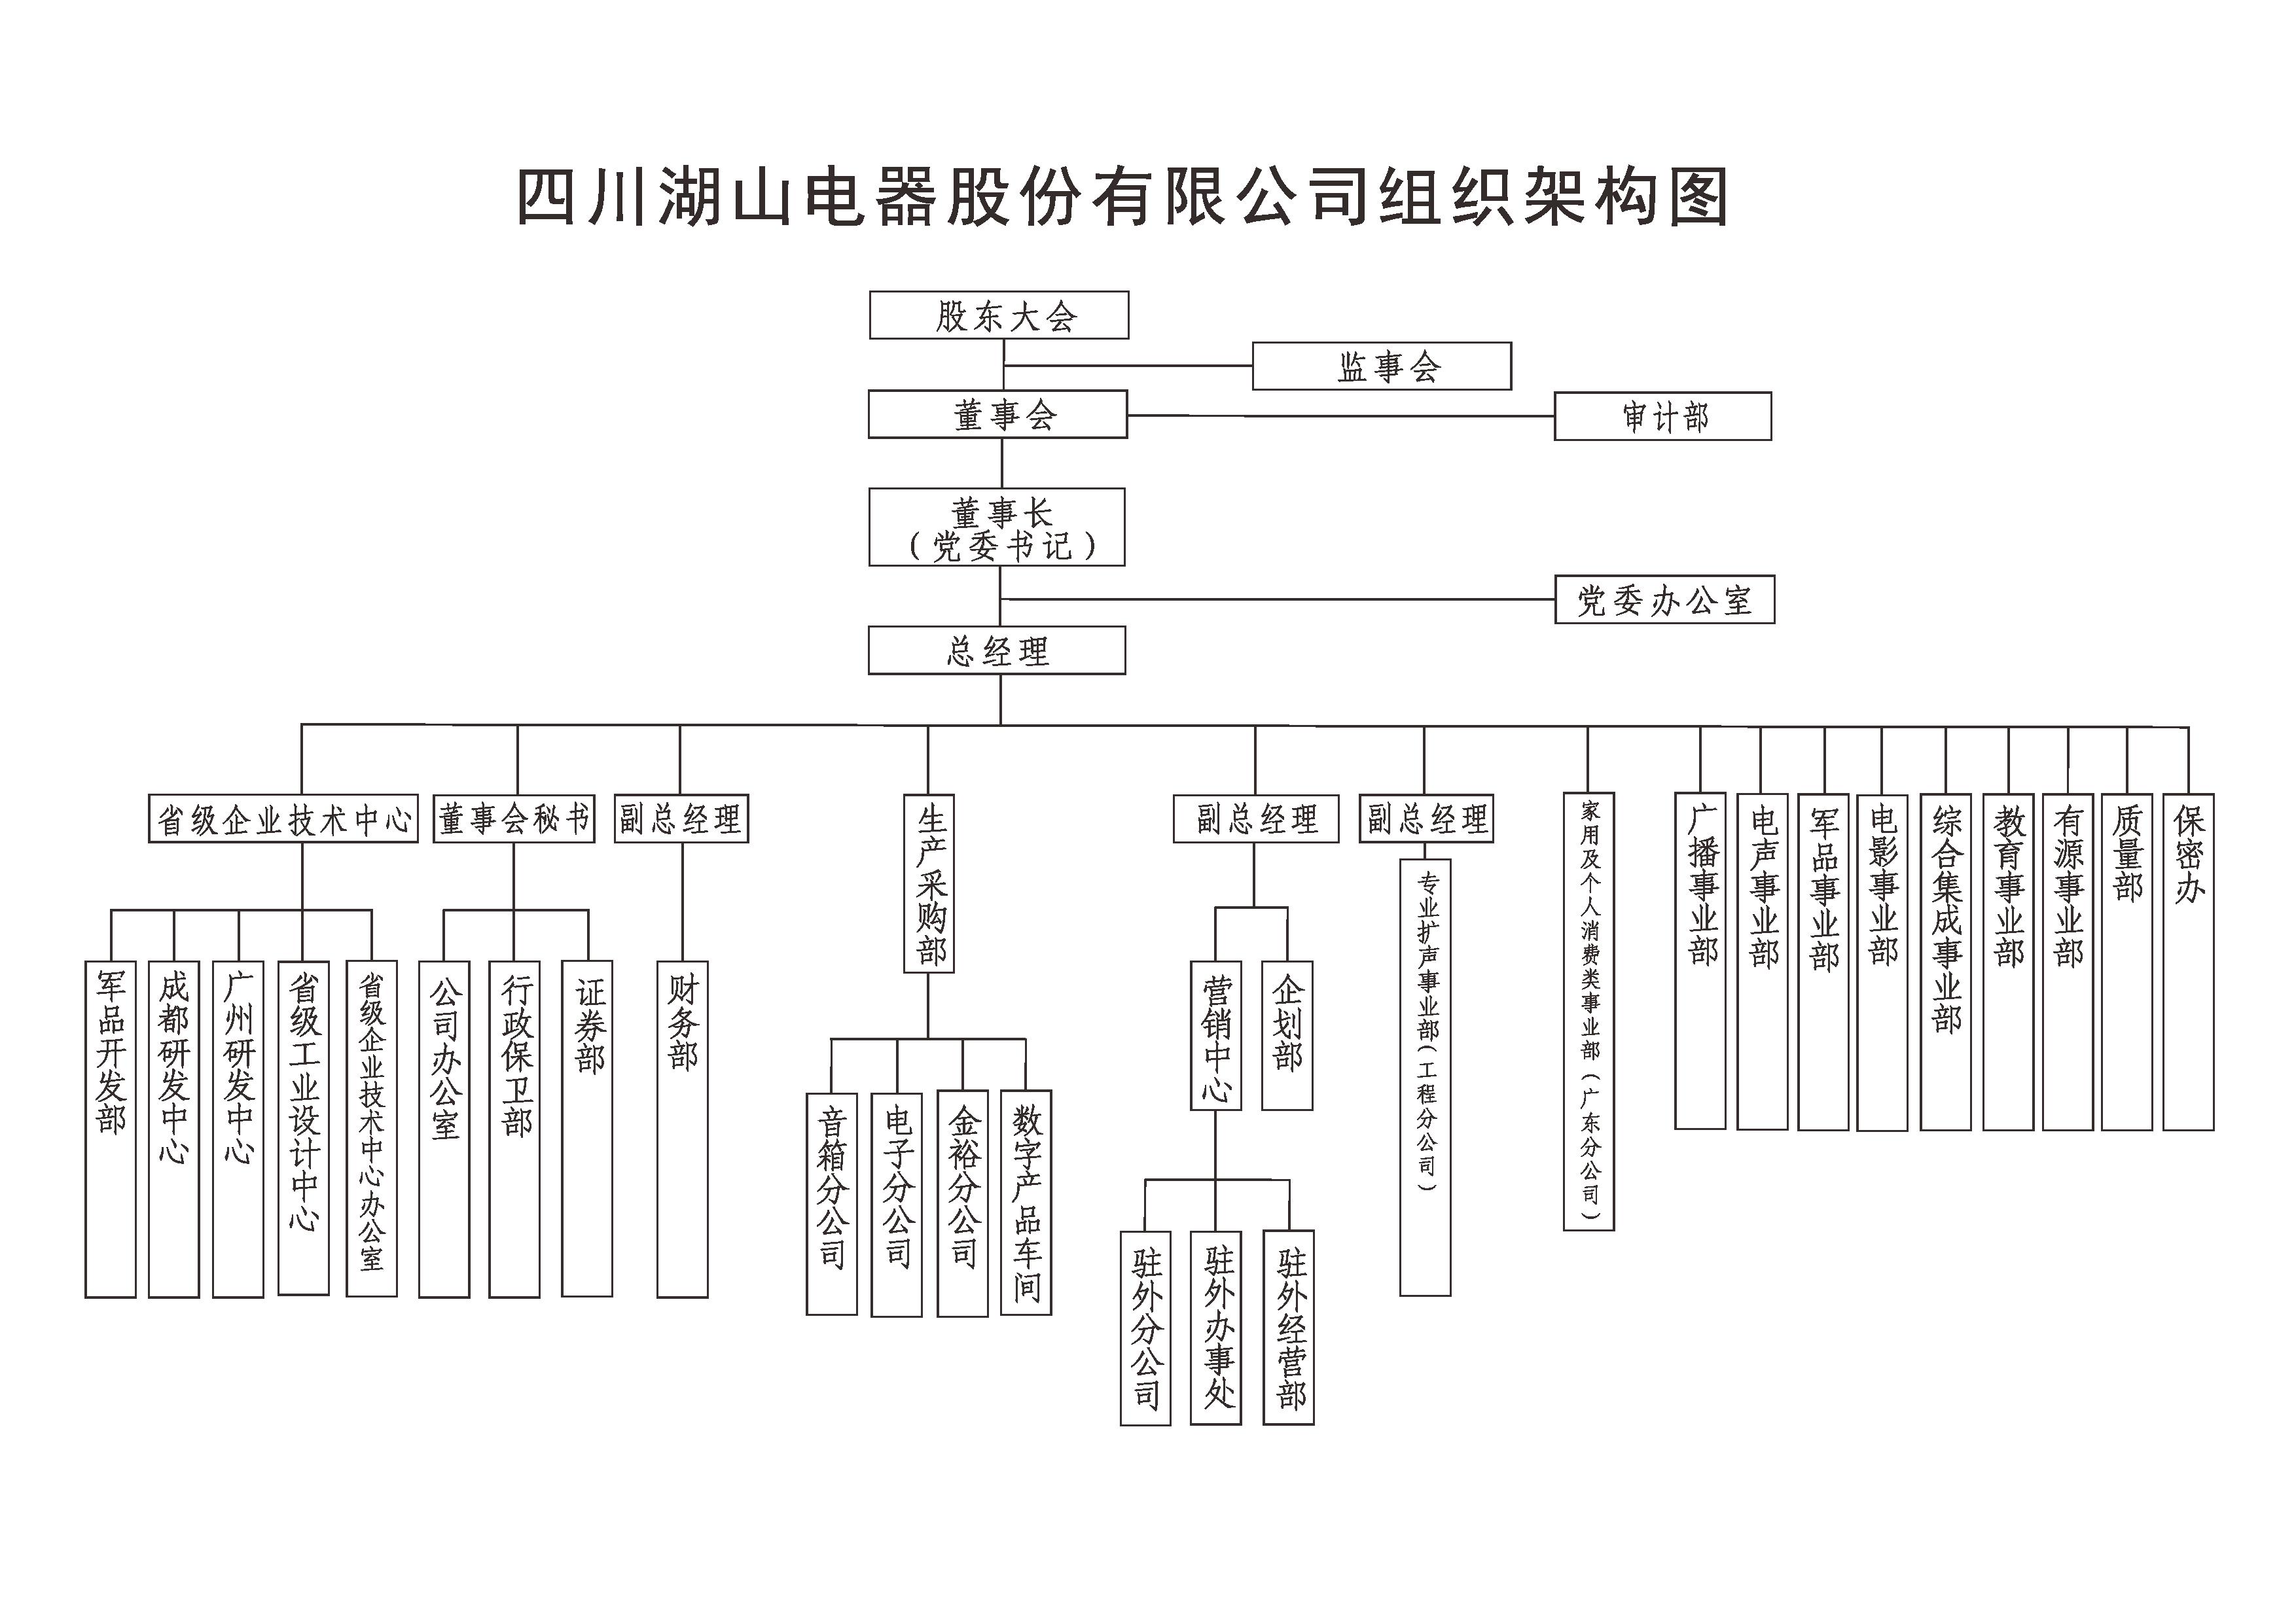 备份ballbet贝博app下载ios电器组织机构图2019.png